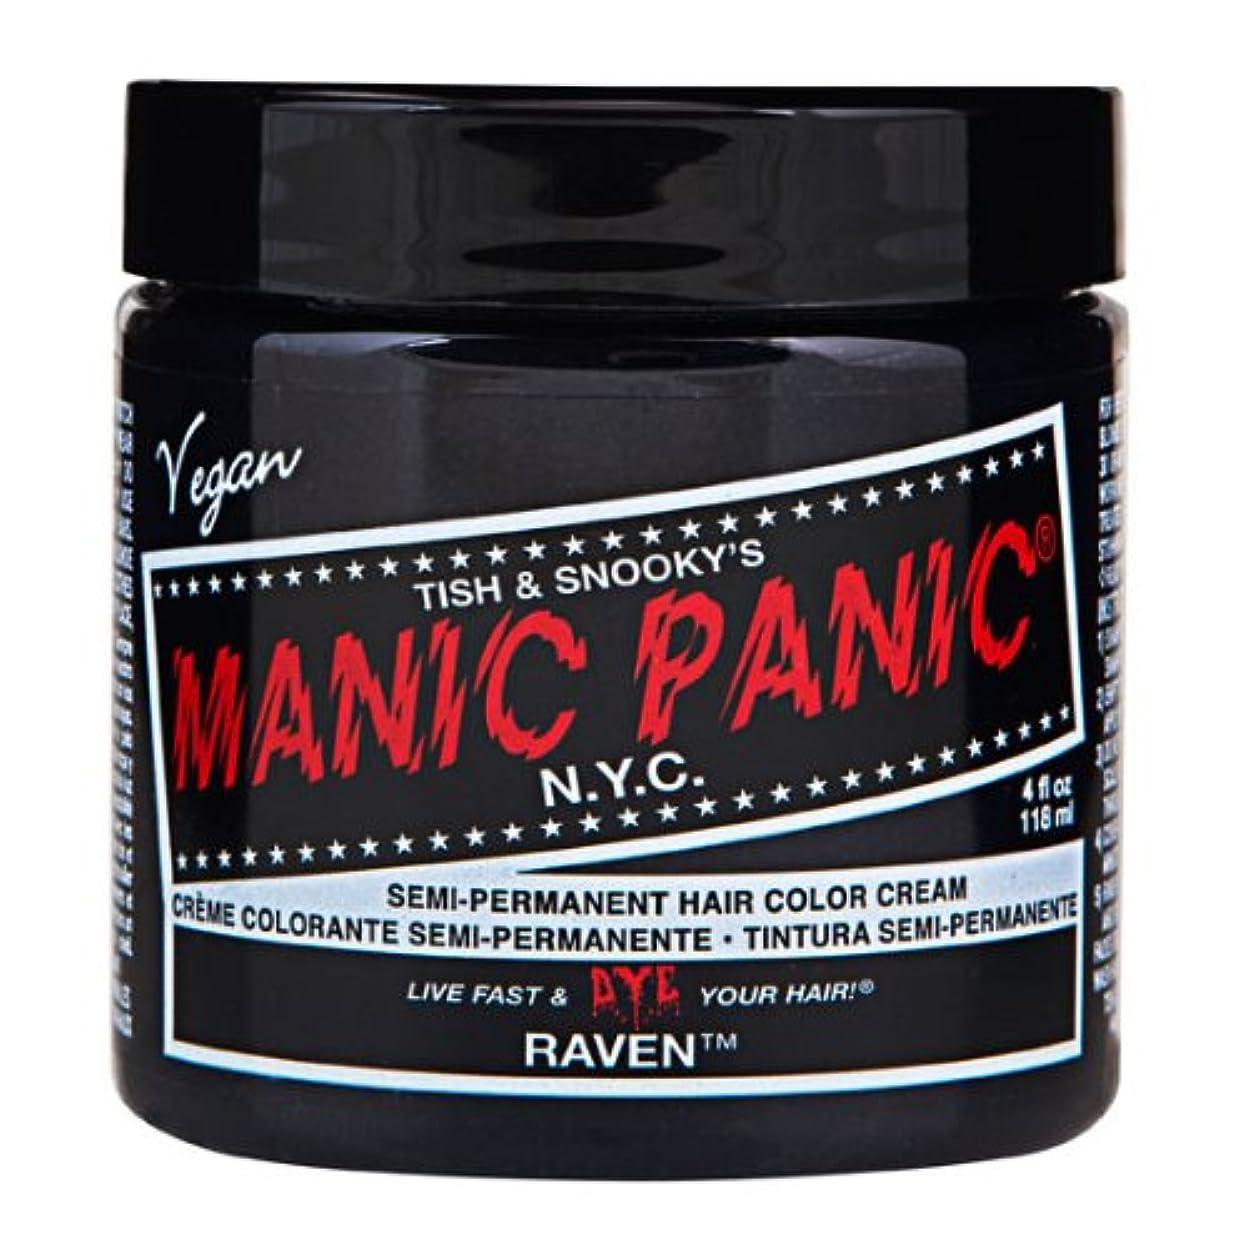 上級トラフピケマニックパニック MANIC PANIC ヘアカラー 118mlレイヴァン ヘアーカラー